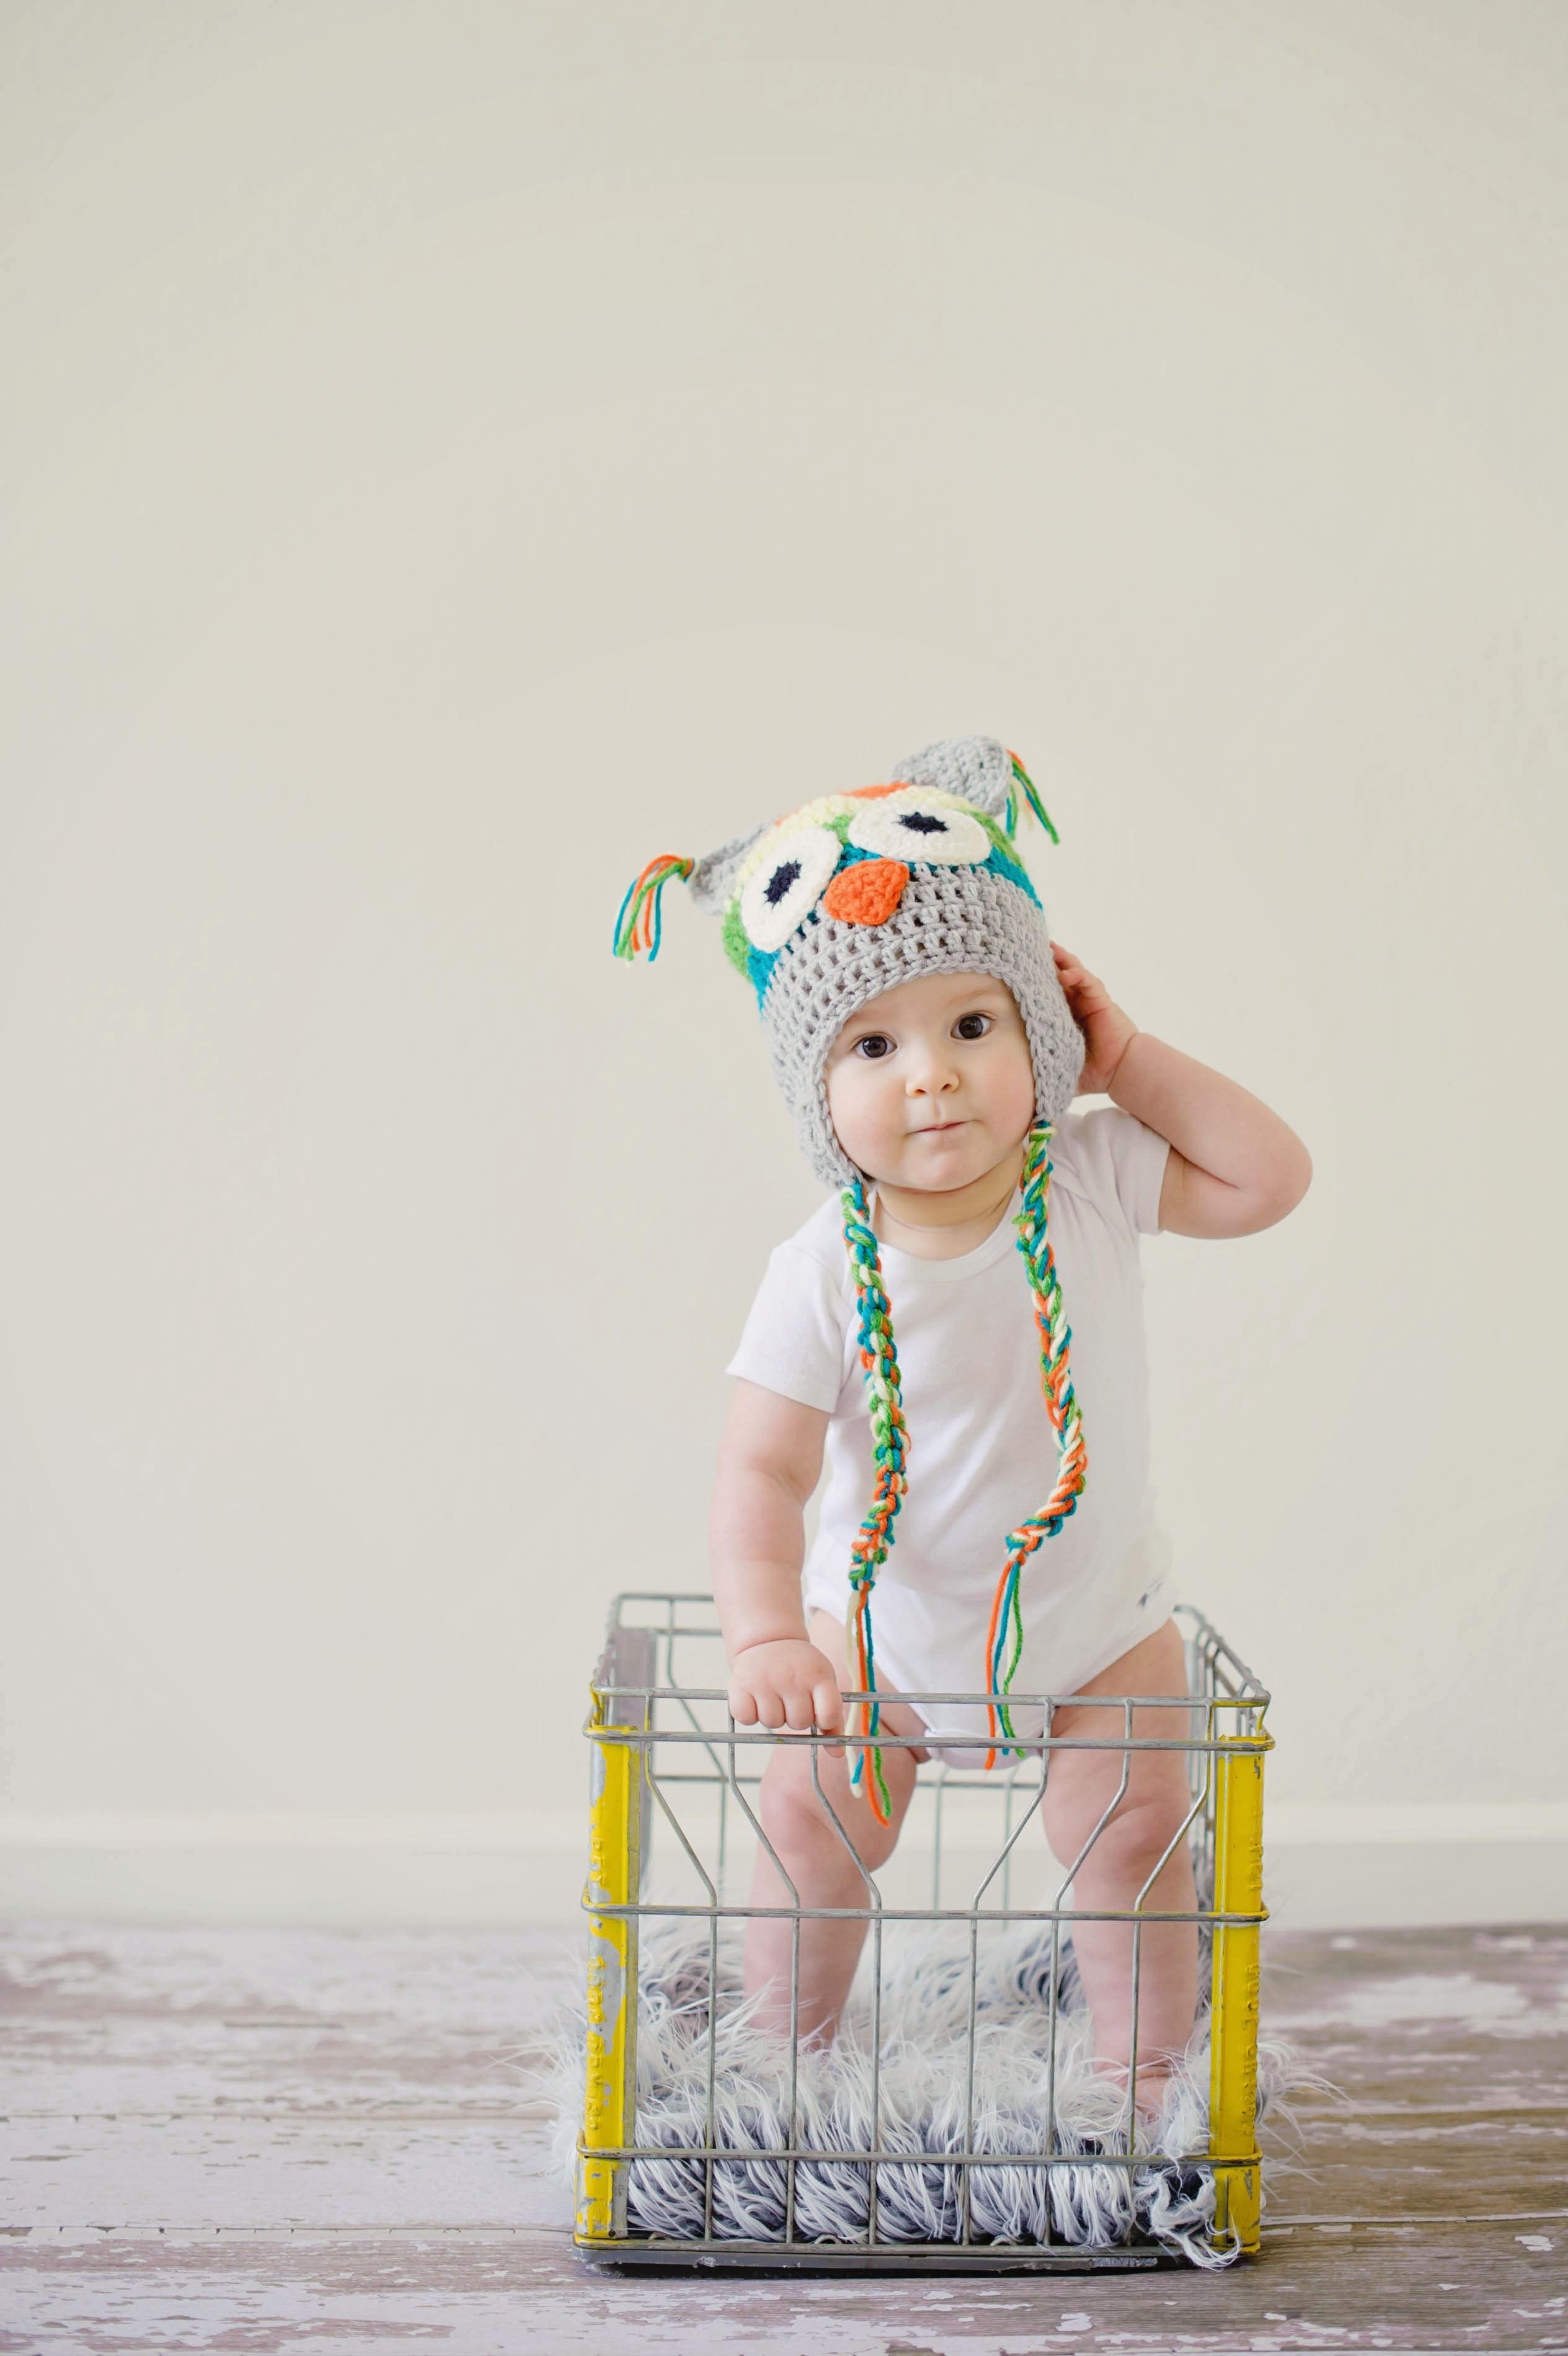 d086d620916 200+ Beautiful Childhood Photos · Pexels · Free Stock Photos